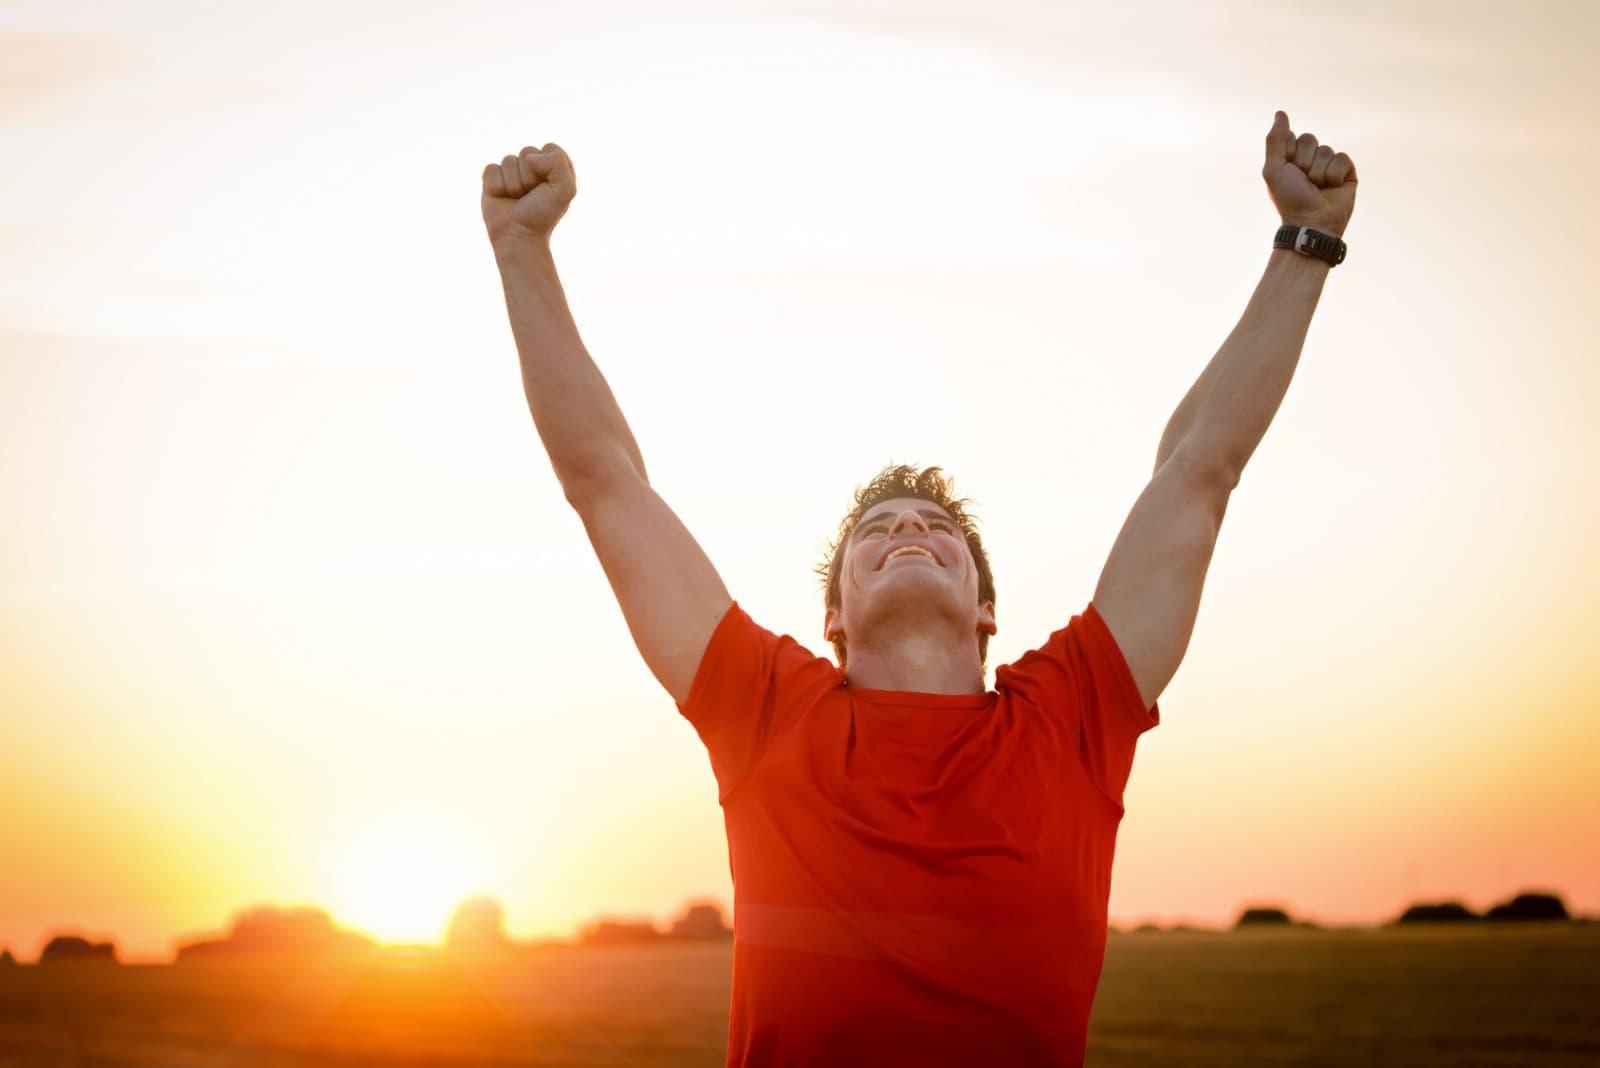 victoire vie chrétienne Bible évangile Jésus Christ